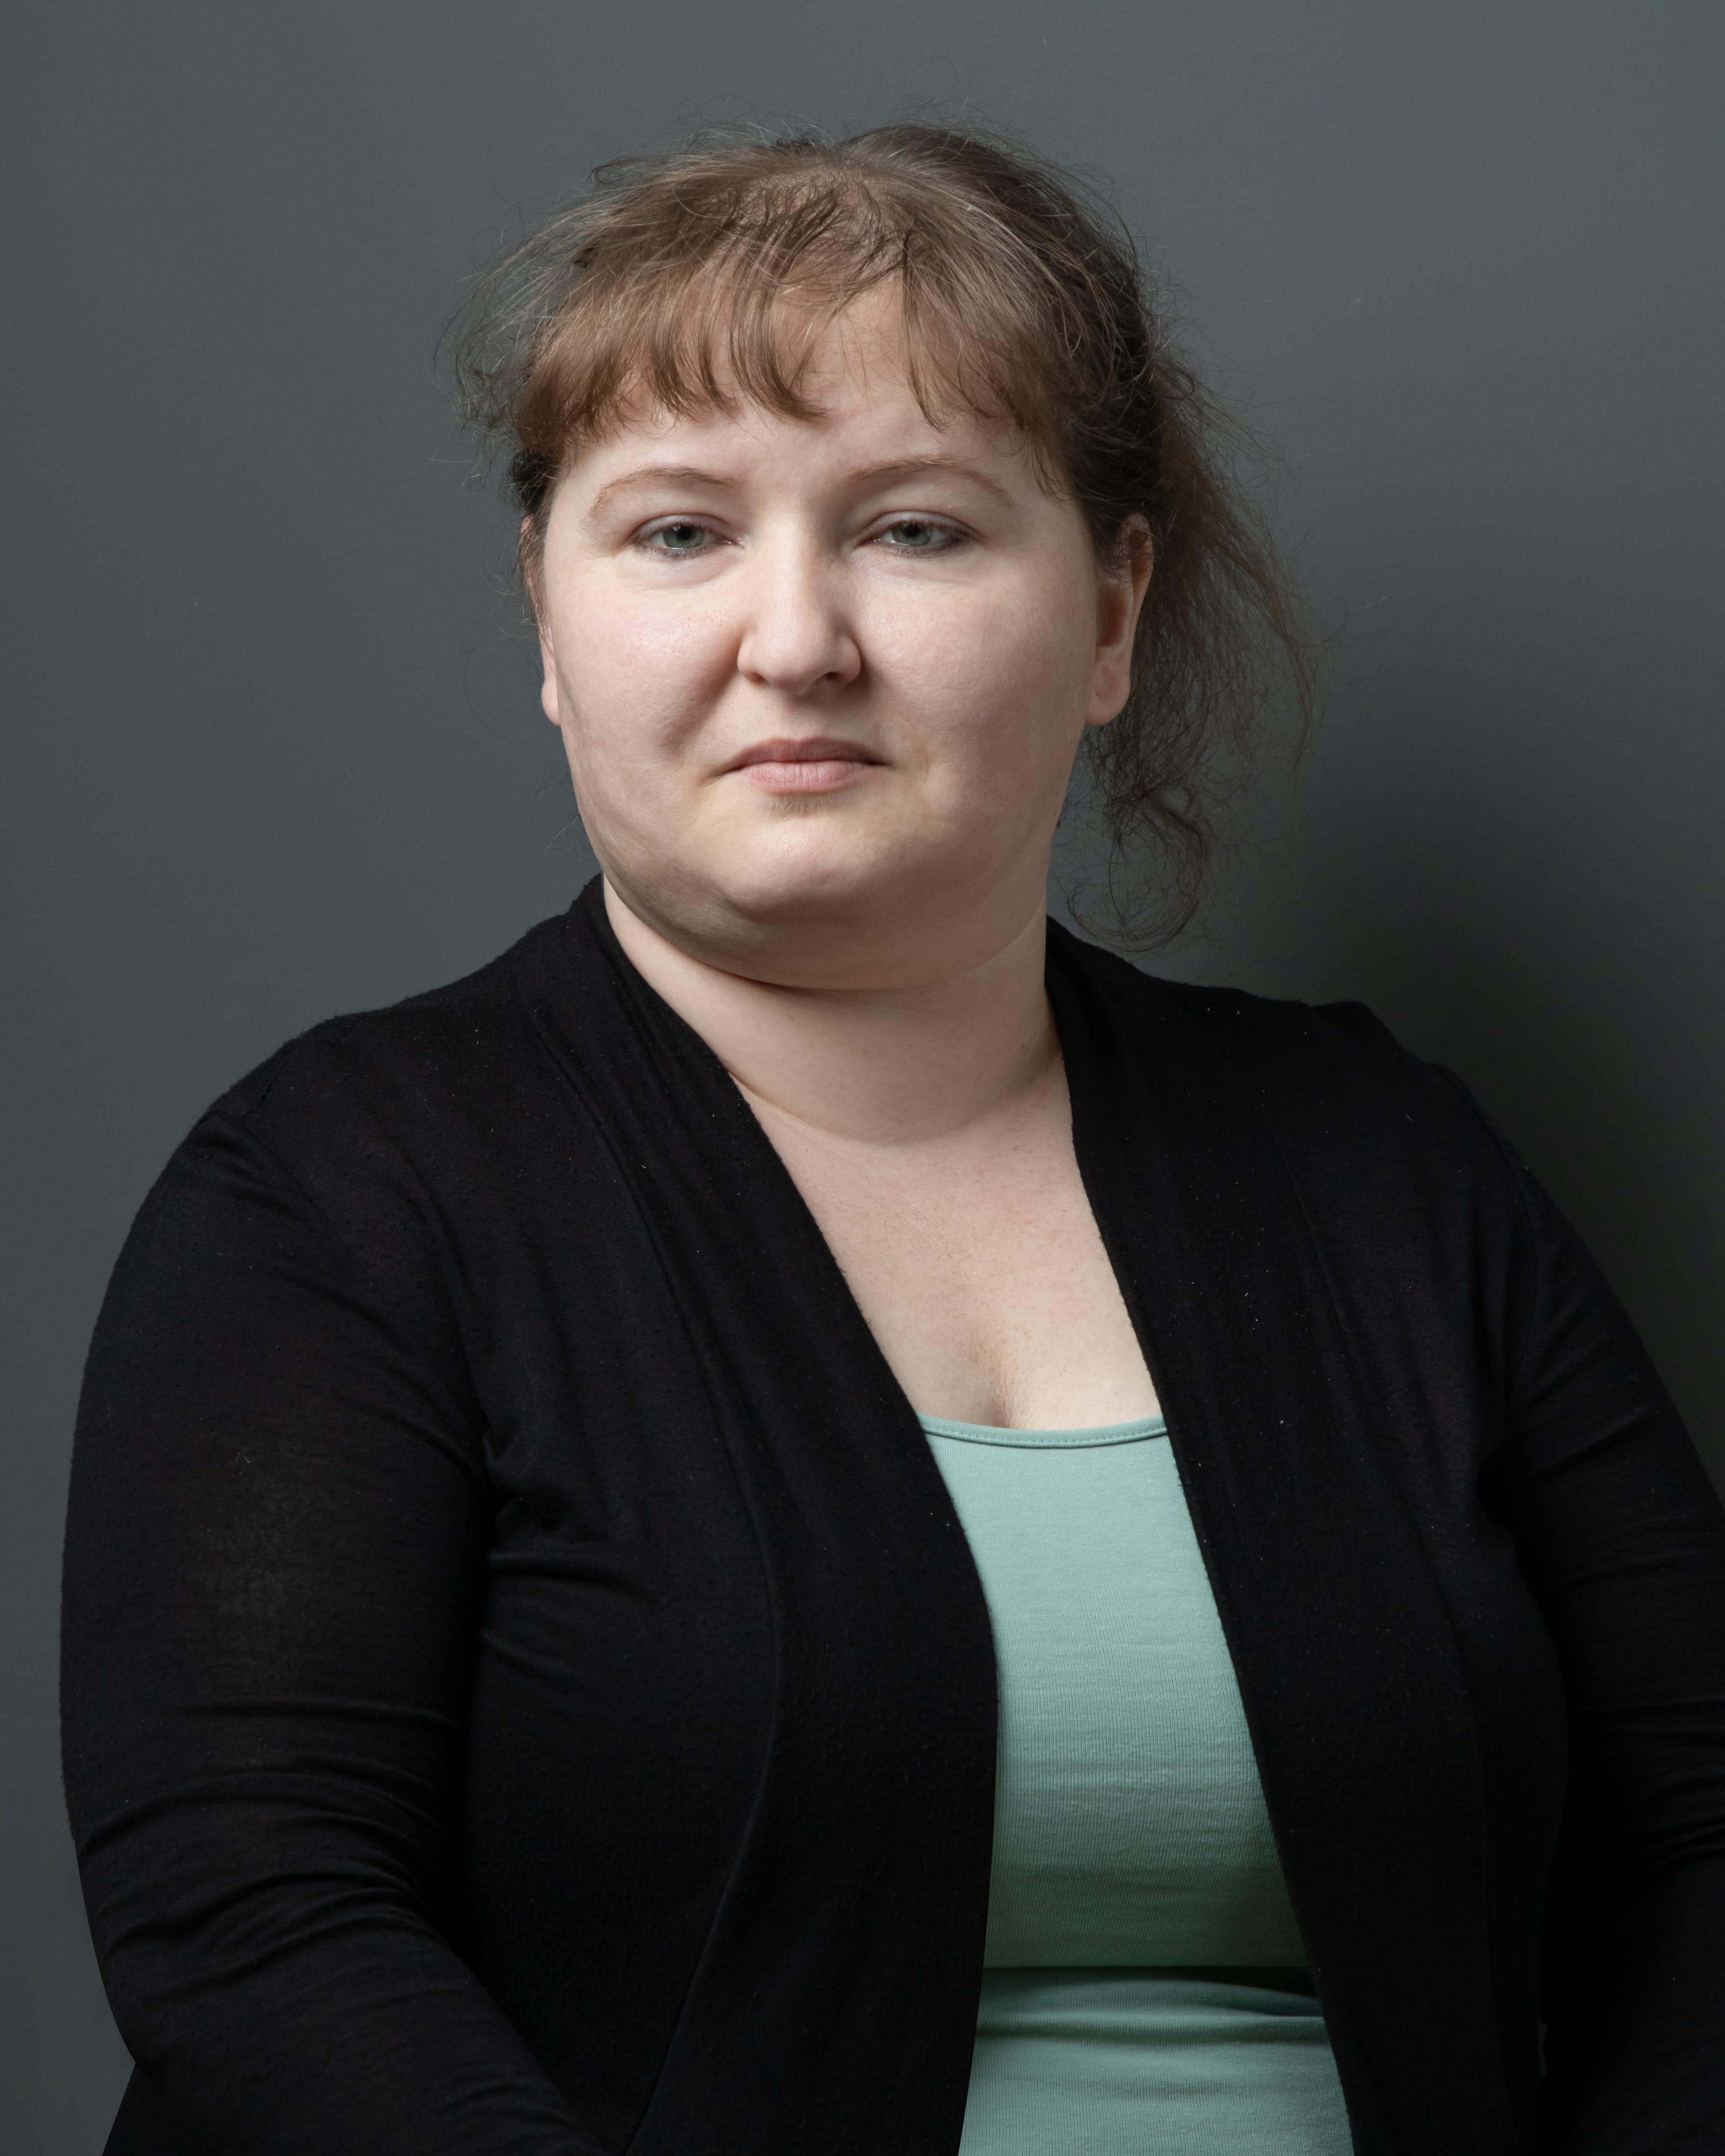 Angelika Maly